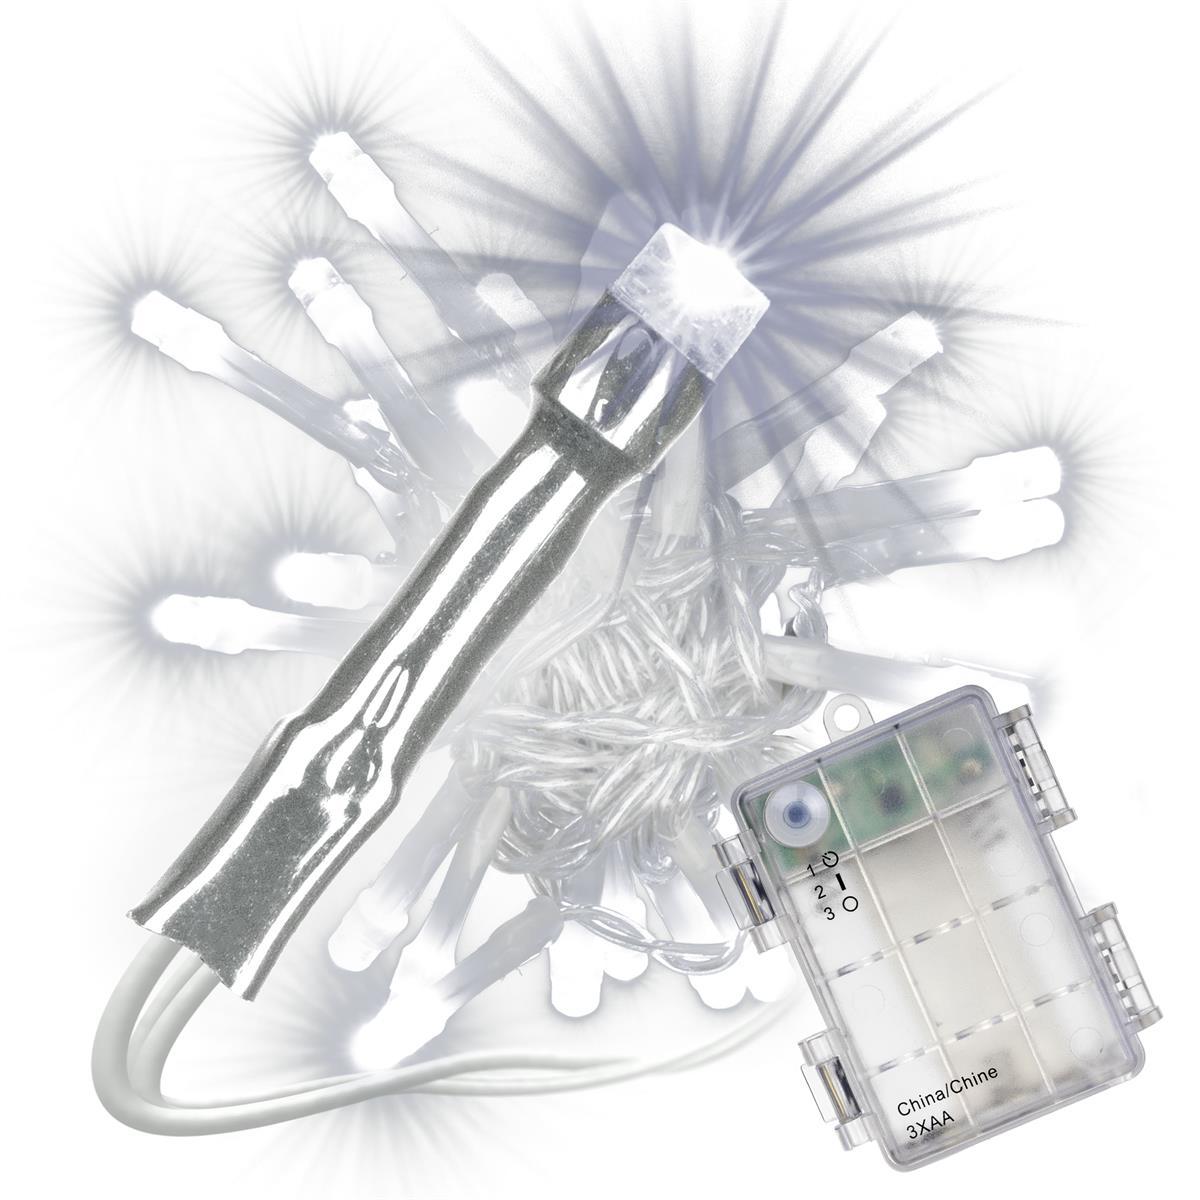 30 LED Lichterkette mit Timer weiß transparentes Kabel Batterie Weihnachten